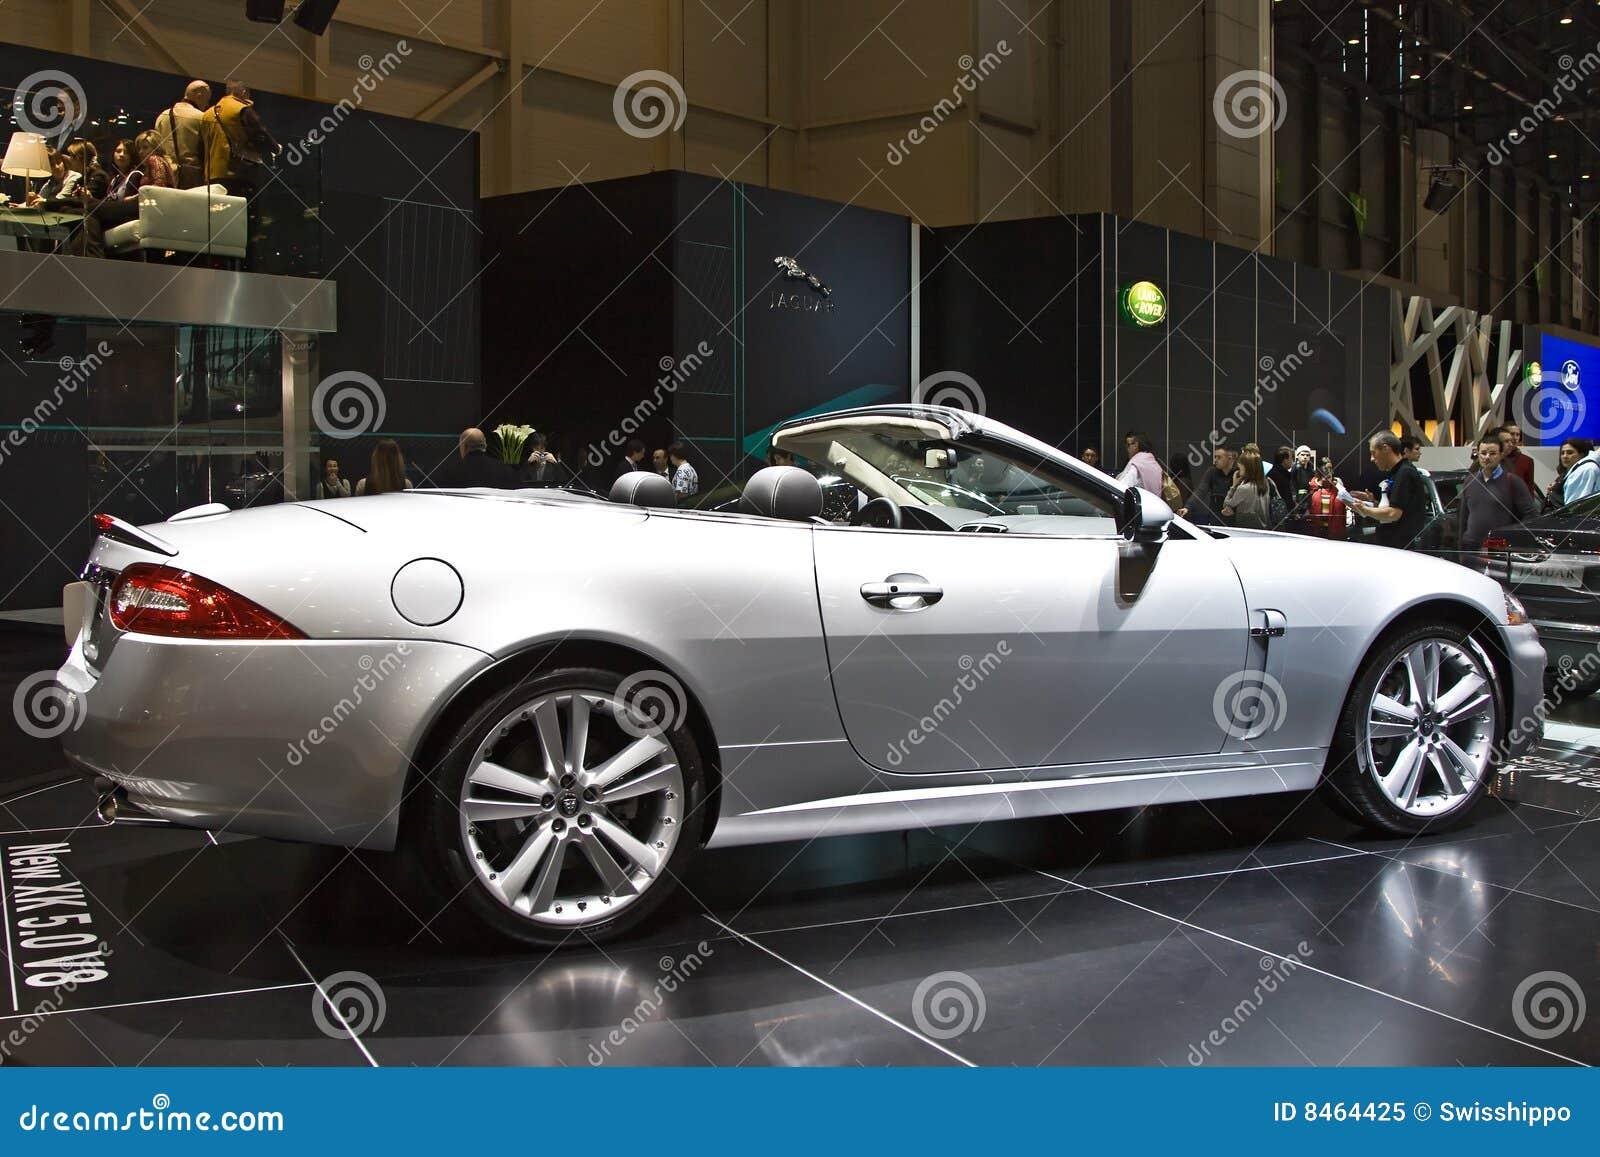 0 nya v8 för 5 jaguar xk